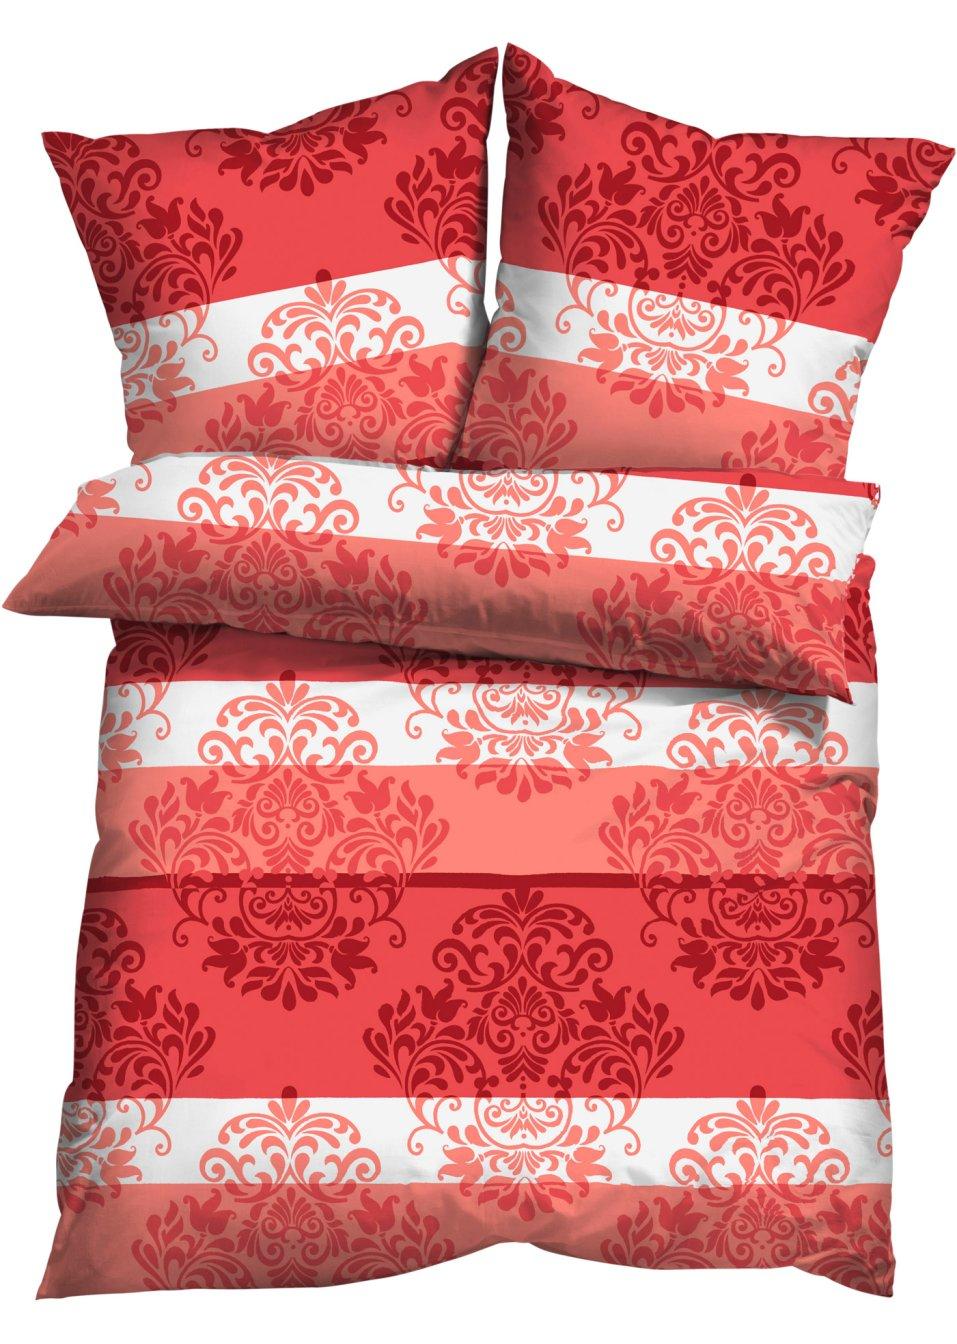 f r exklusiven schlafkomfort die bettw sche ornament rot microfaser. Black Bedroom Furniture Sets. Home Design Ideas